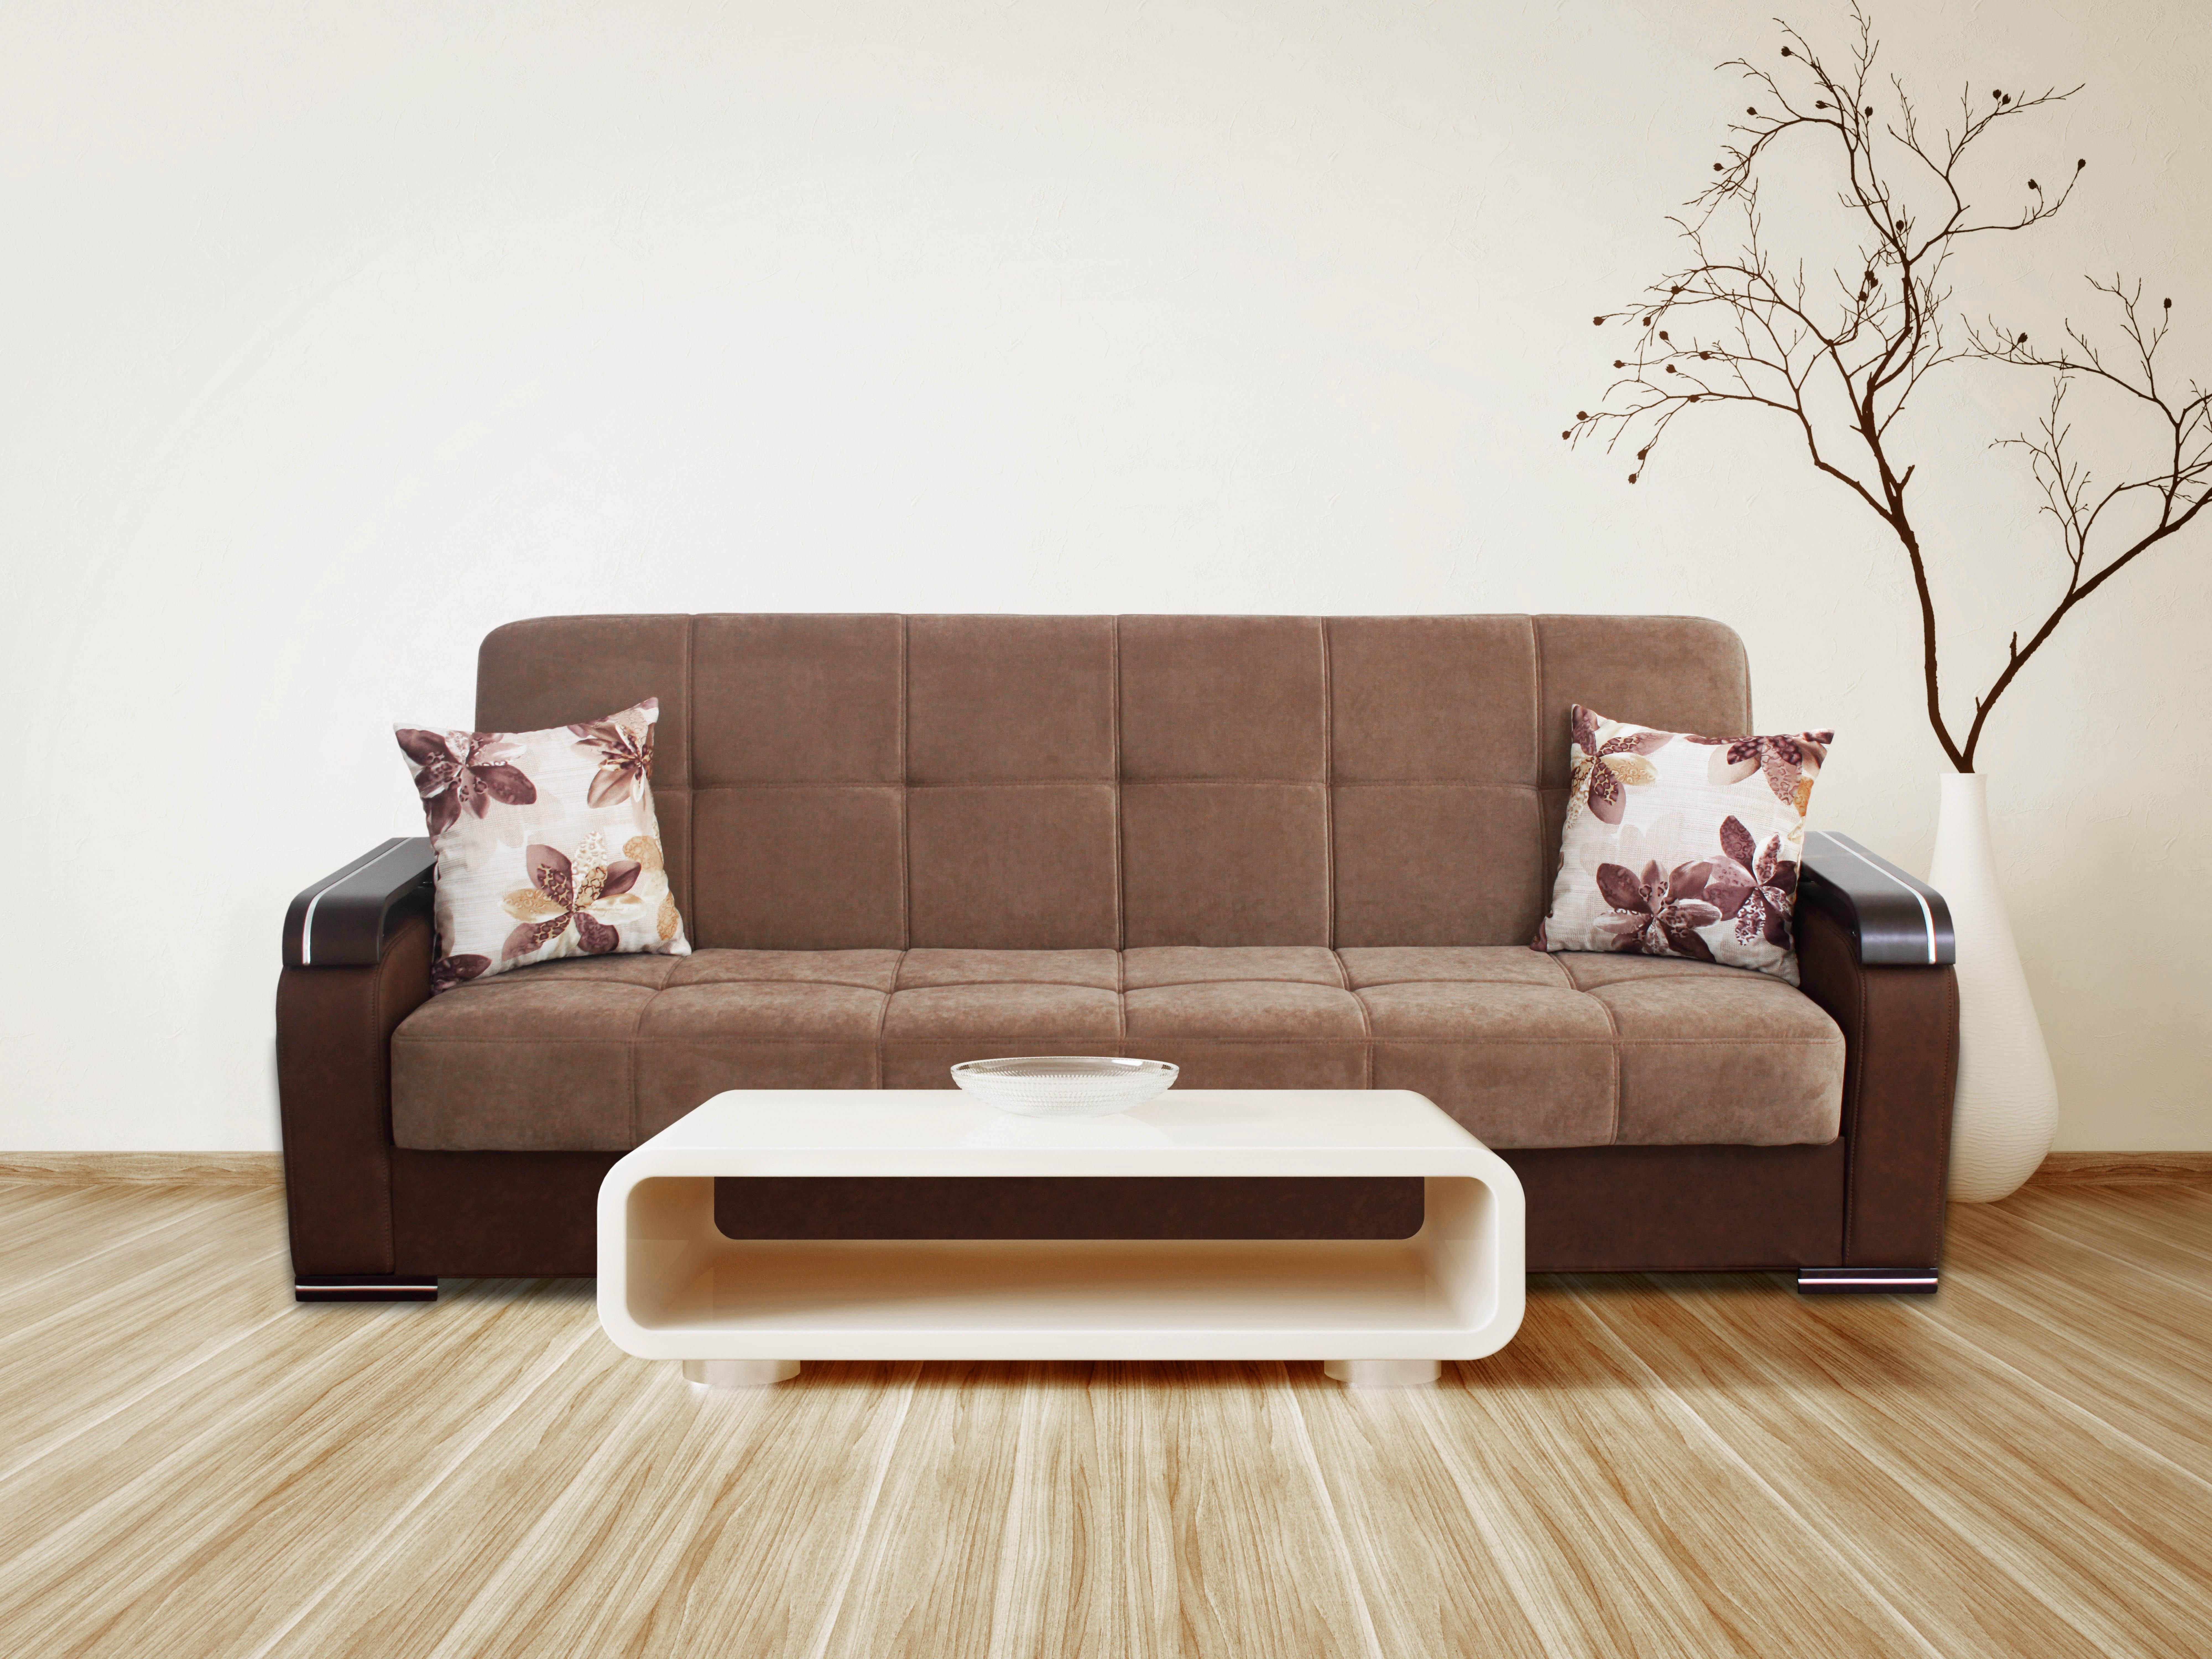 Прямой диван Карат / Karat